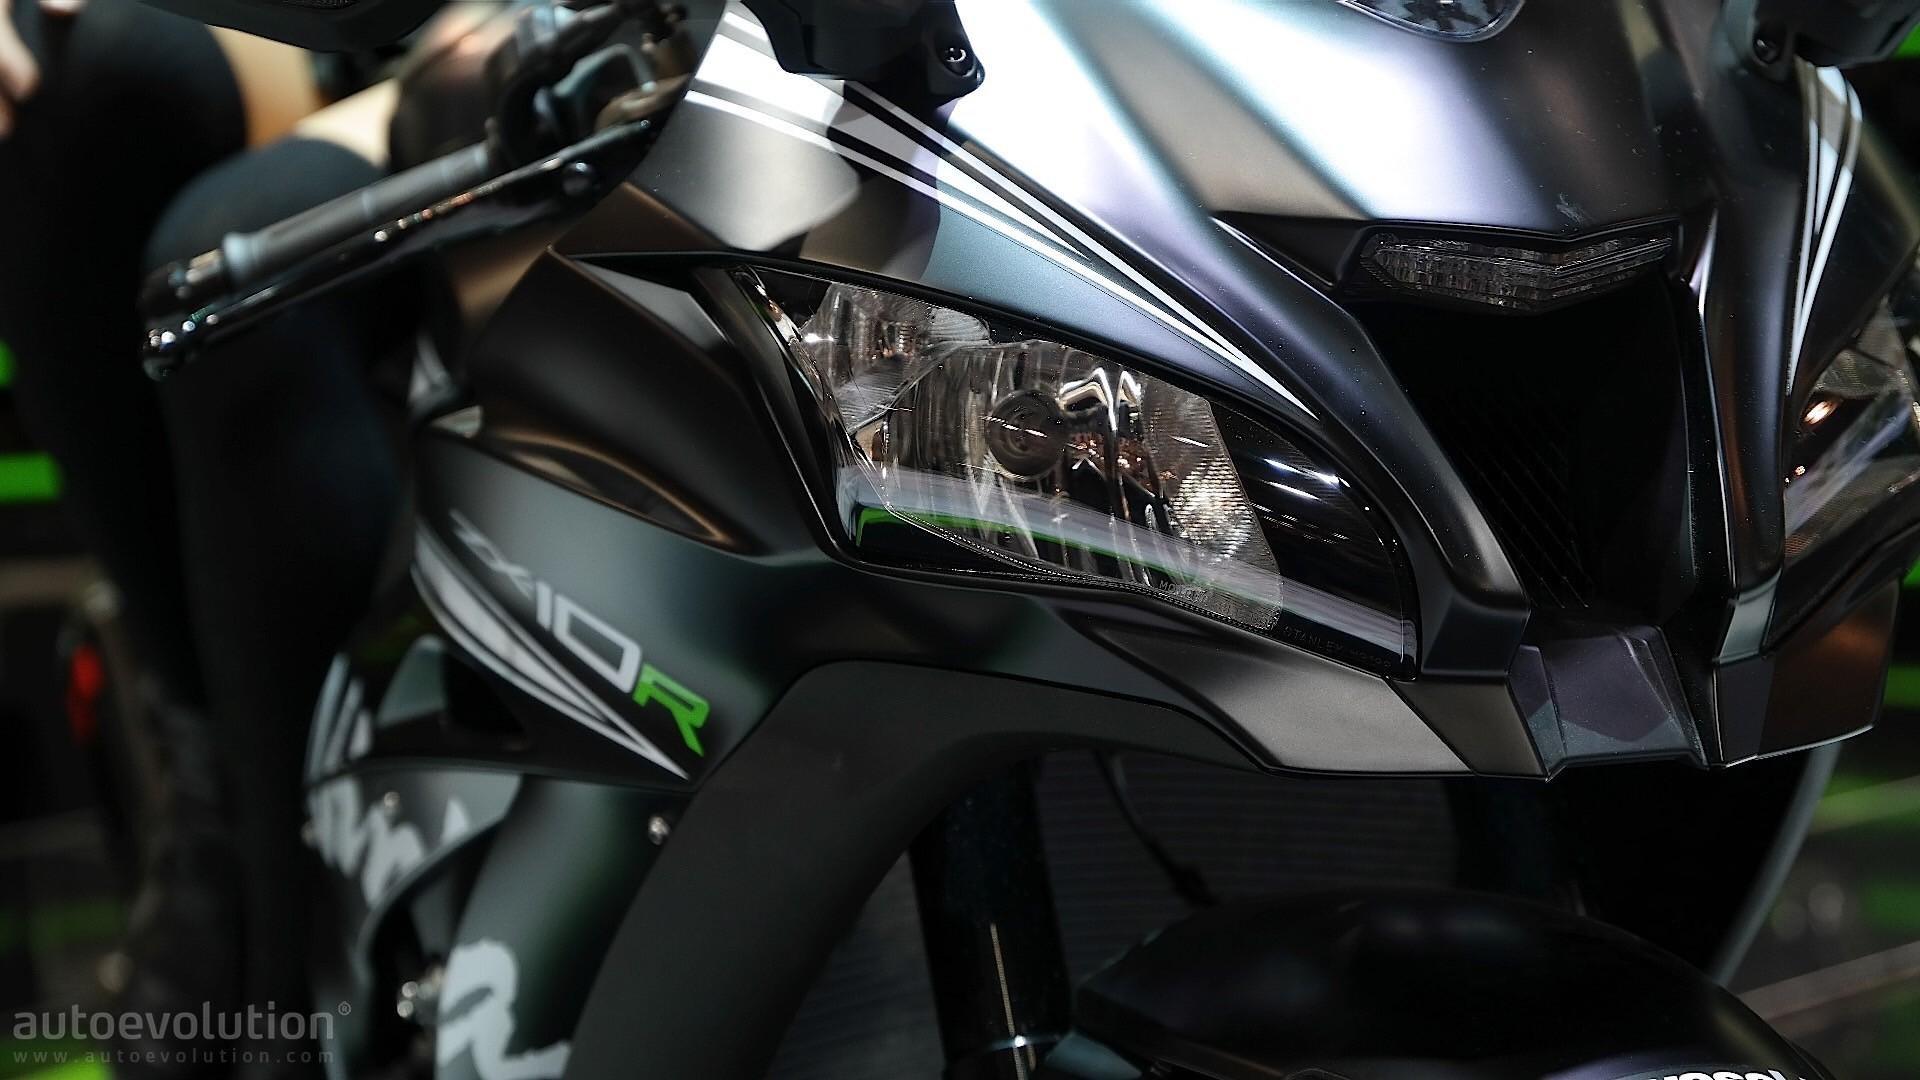 Eicma 2016 Kawasaki Ninja Zx 10r And Krt Replica Pack 210